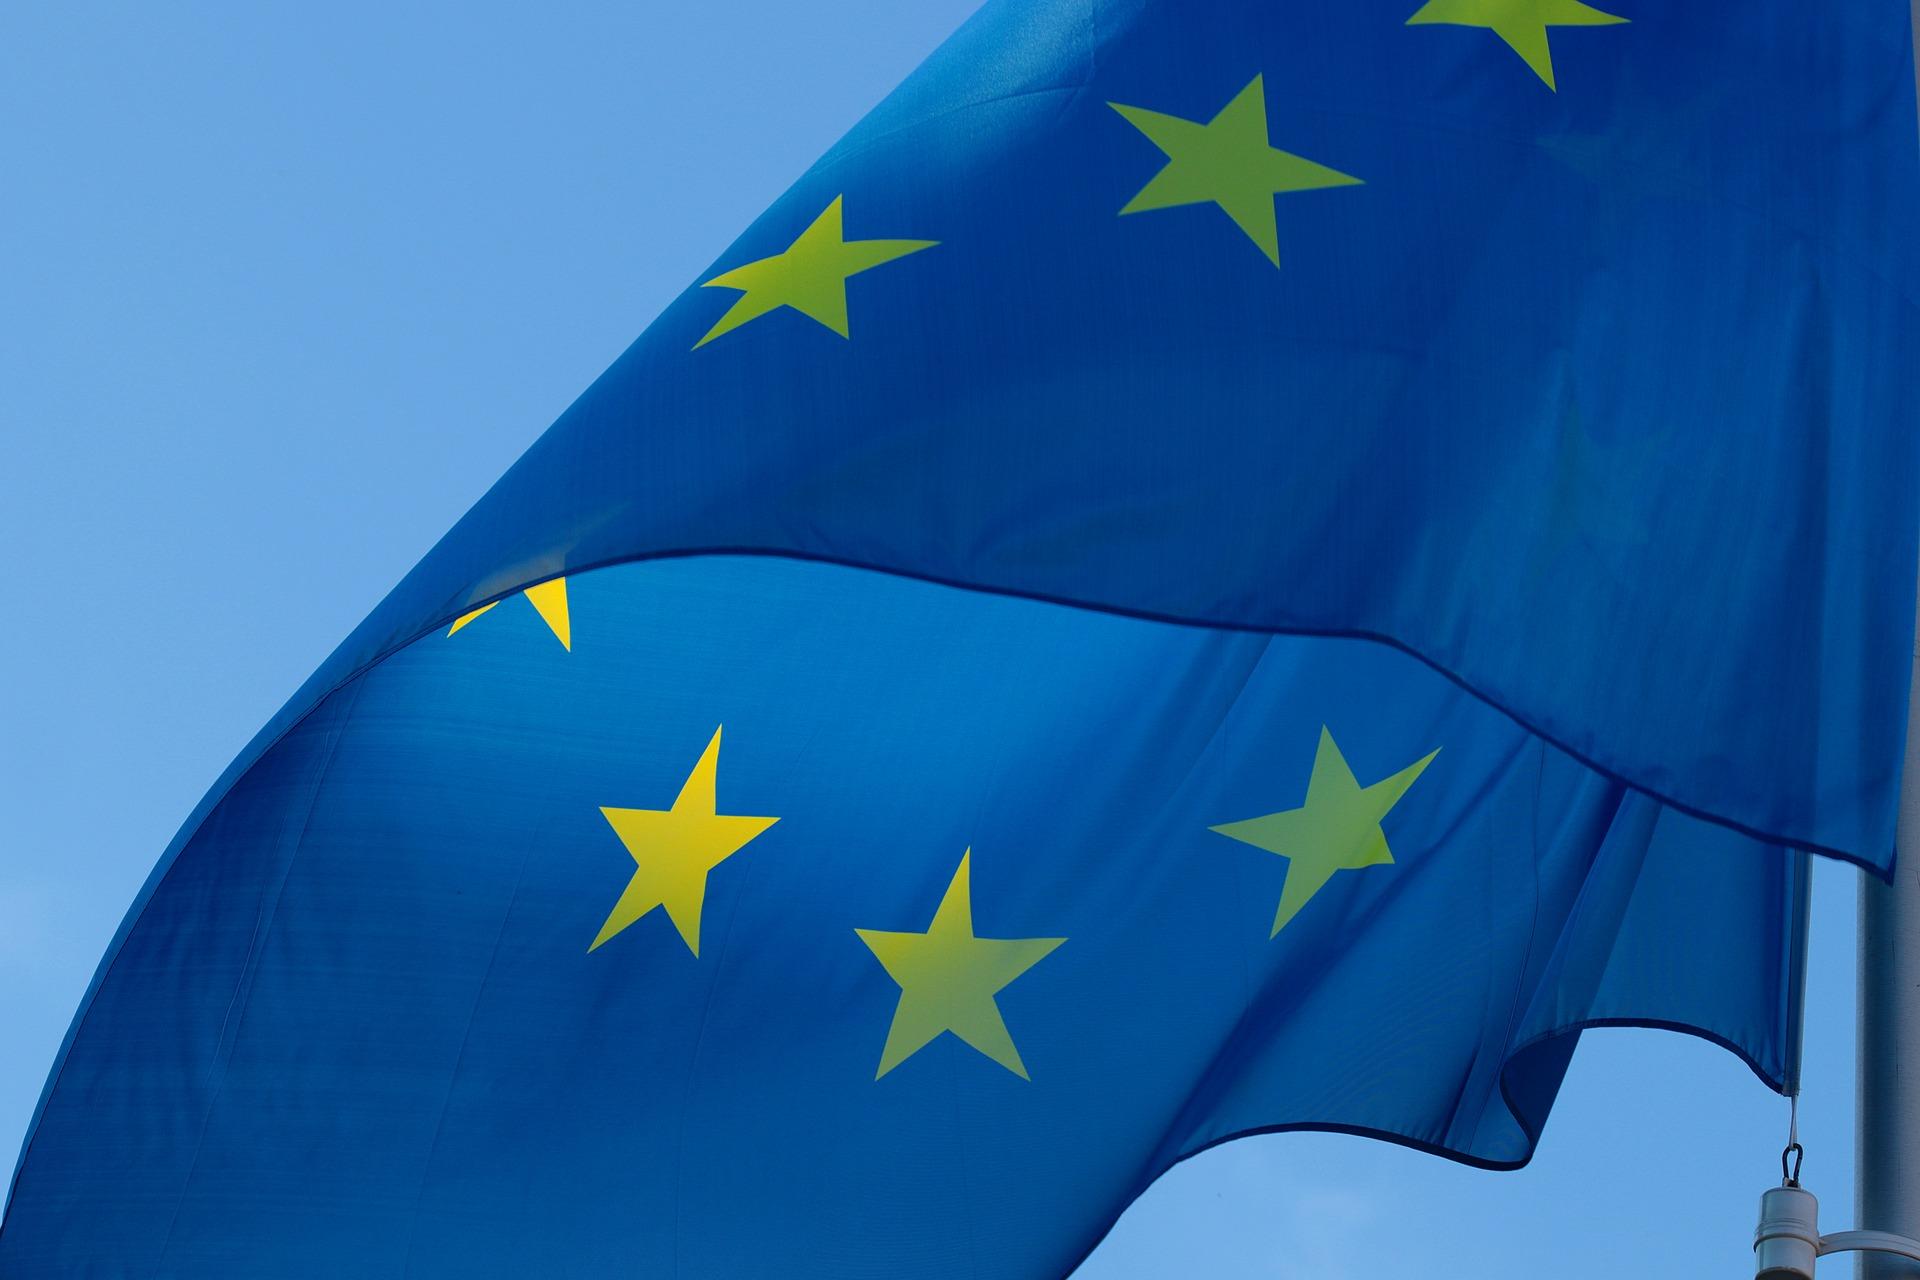 Kein Plan für die Euro-Zone